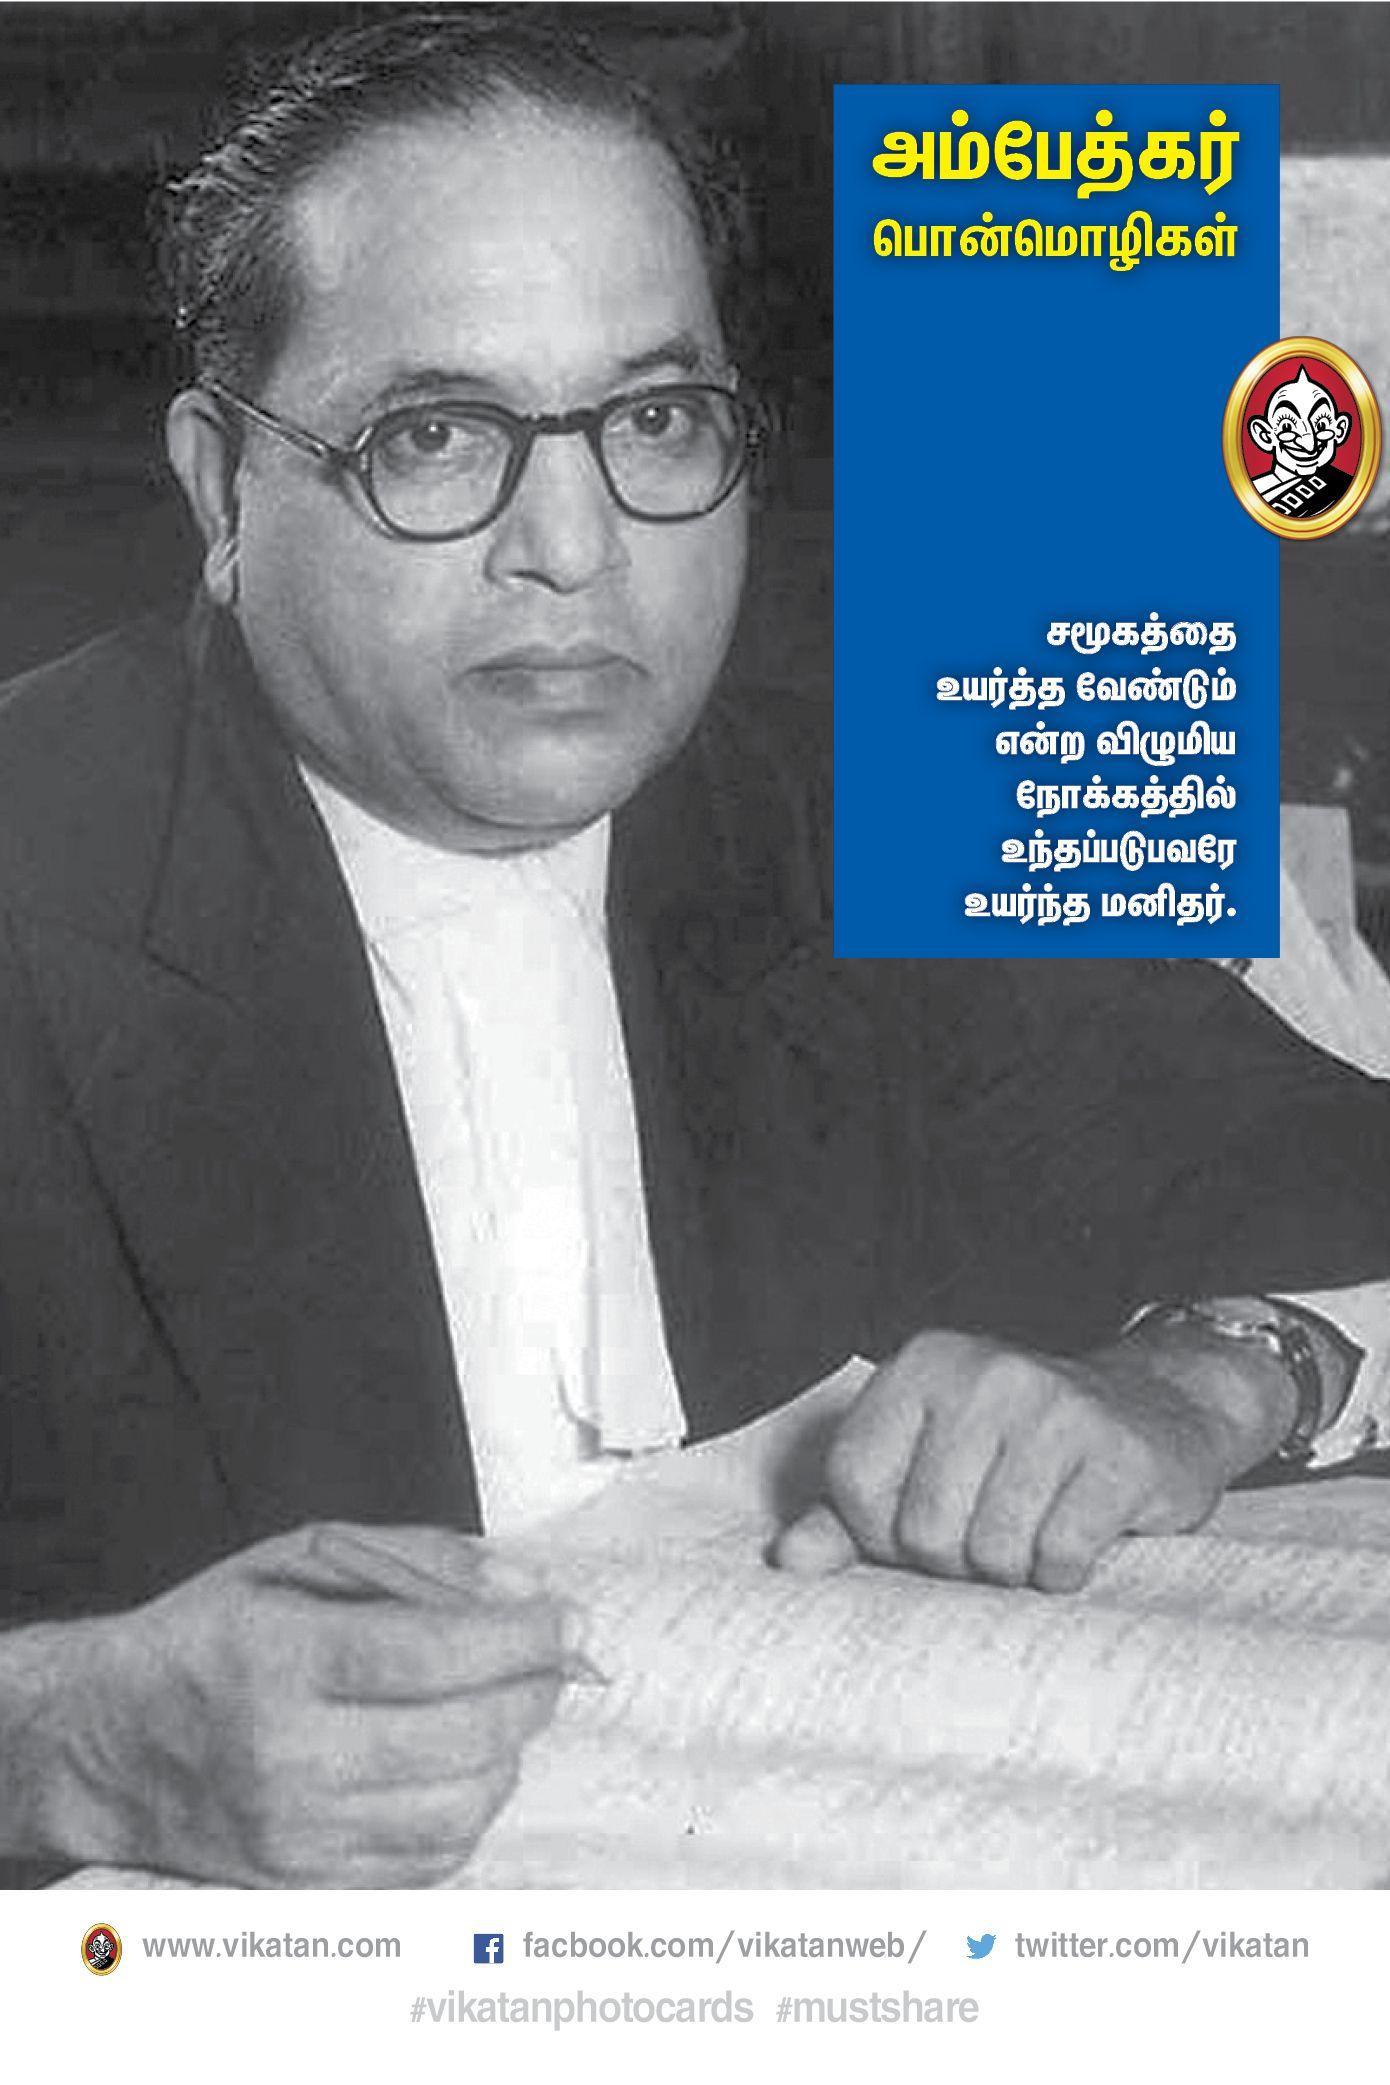 அரசியல் சாசன மேதை அண்ணல் அம்பேத்கர்